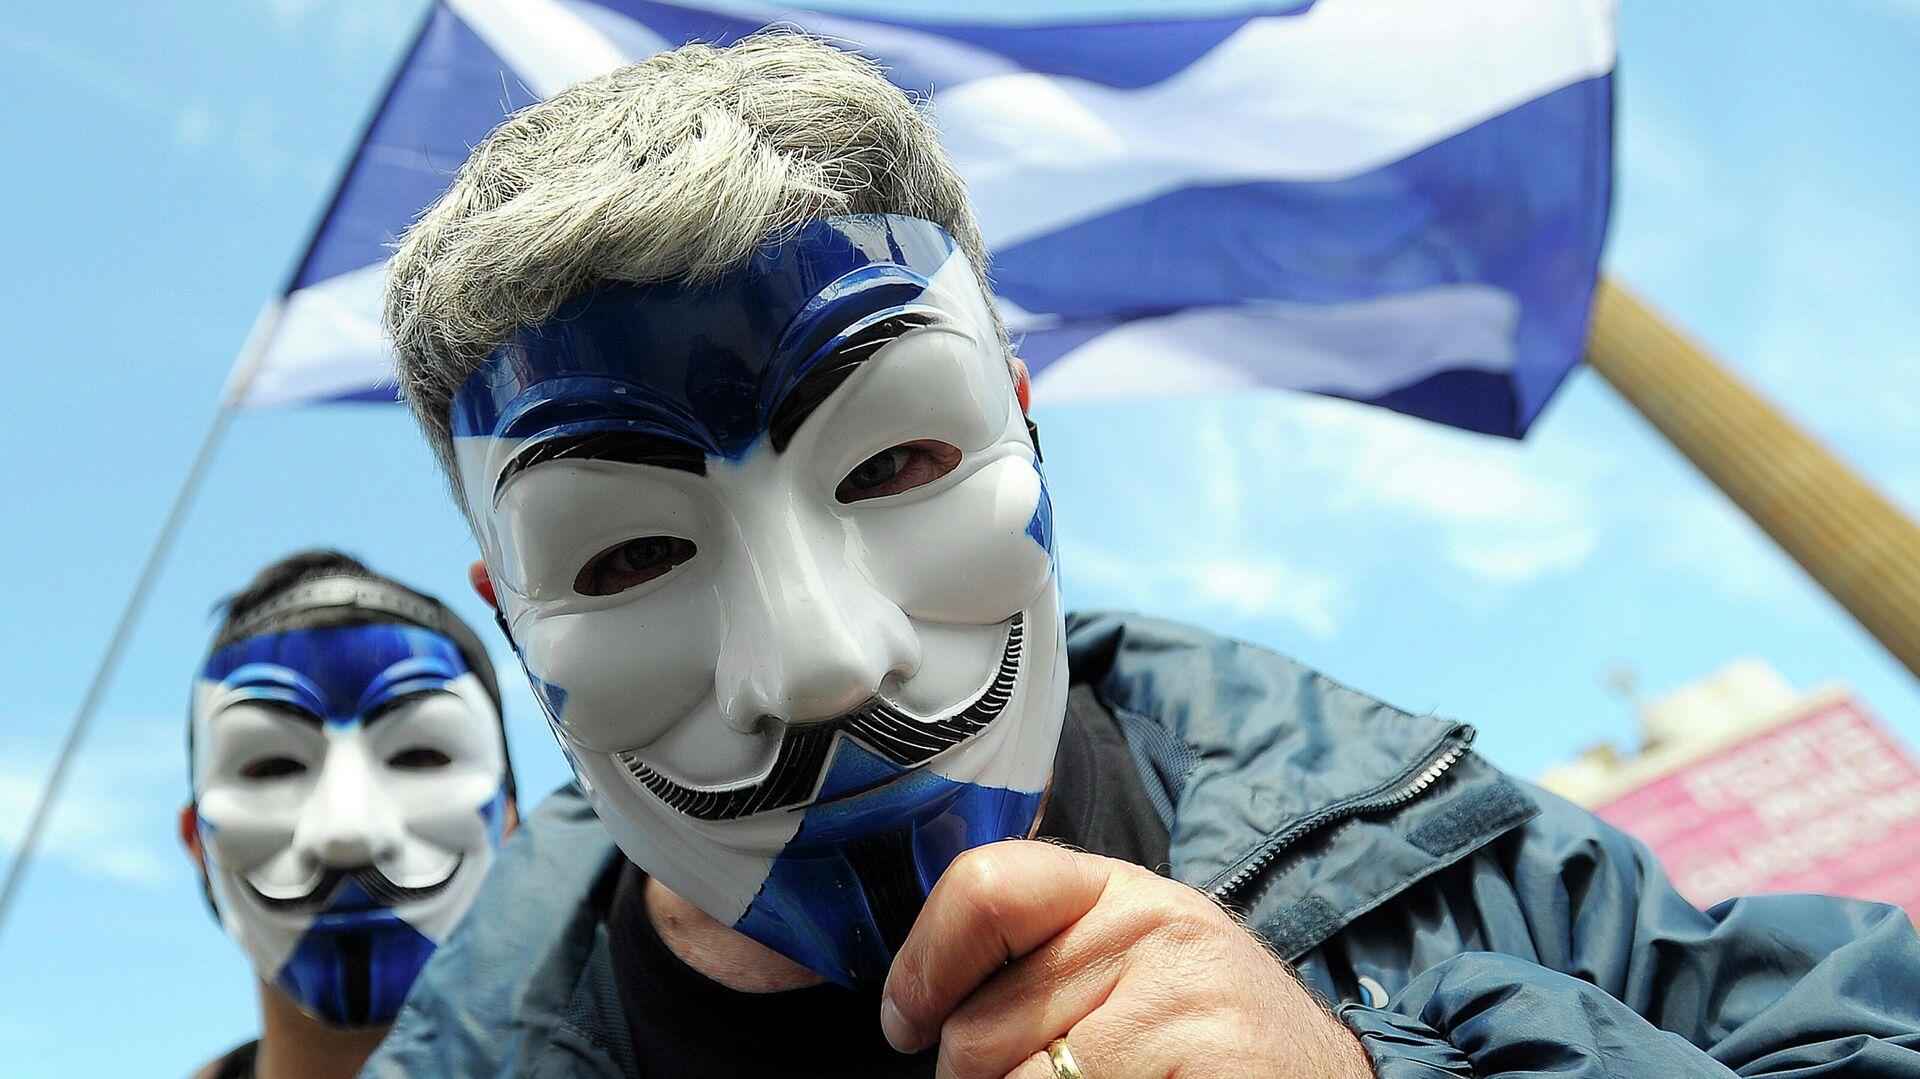 Сторонники независимости Шотландии во время демонстрации в Глазго - РИА Новости, 1920, 15.09.2020